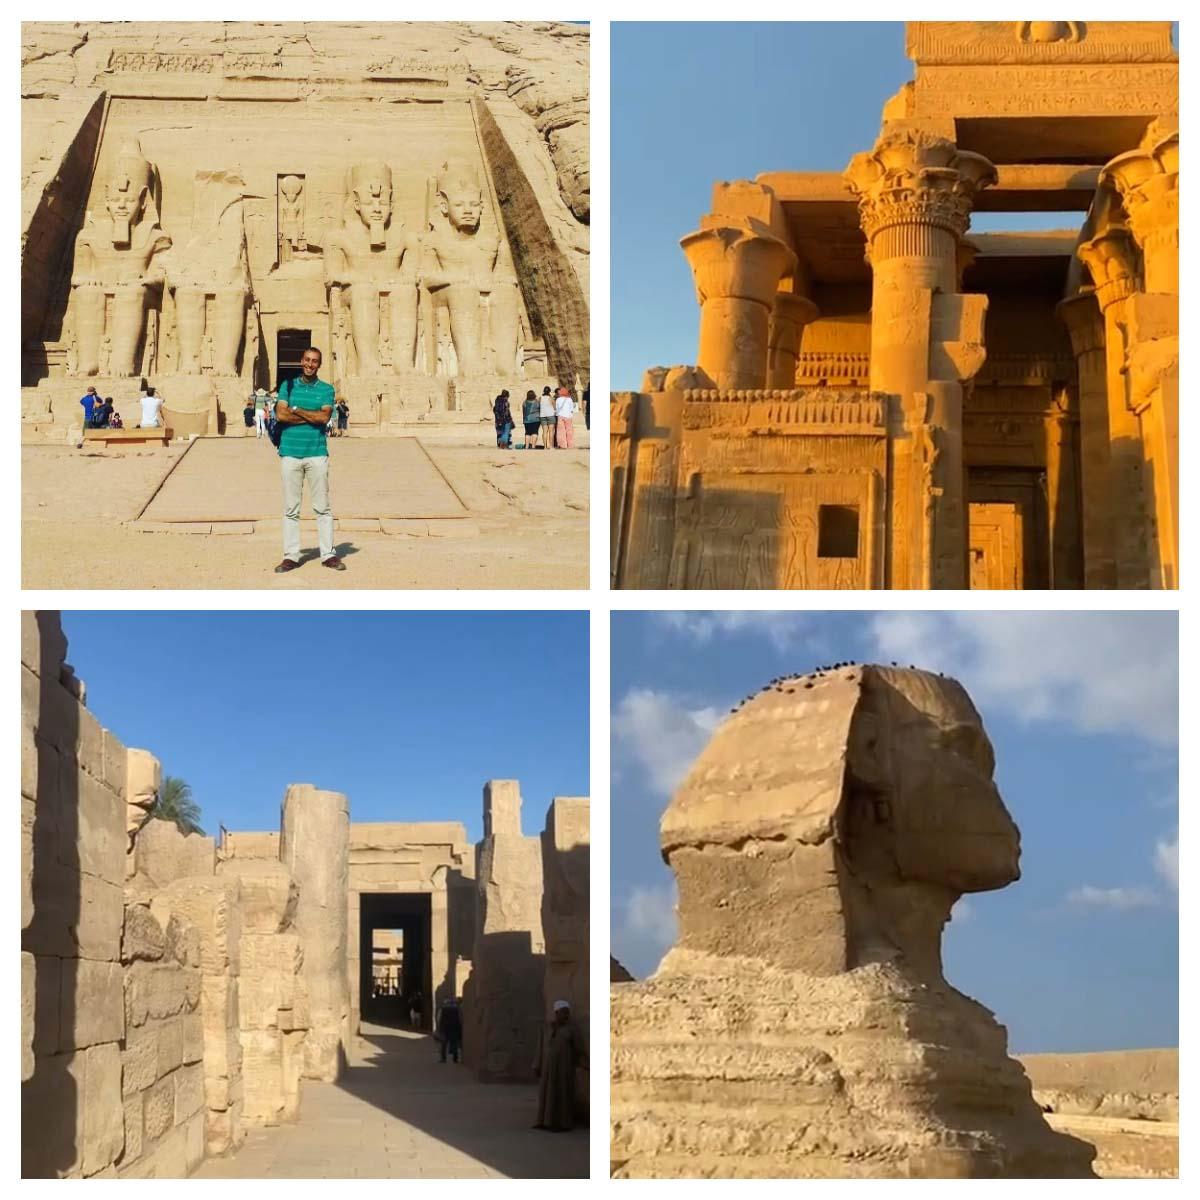 Guia de turismo em português no Egito